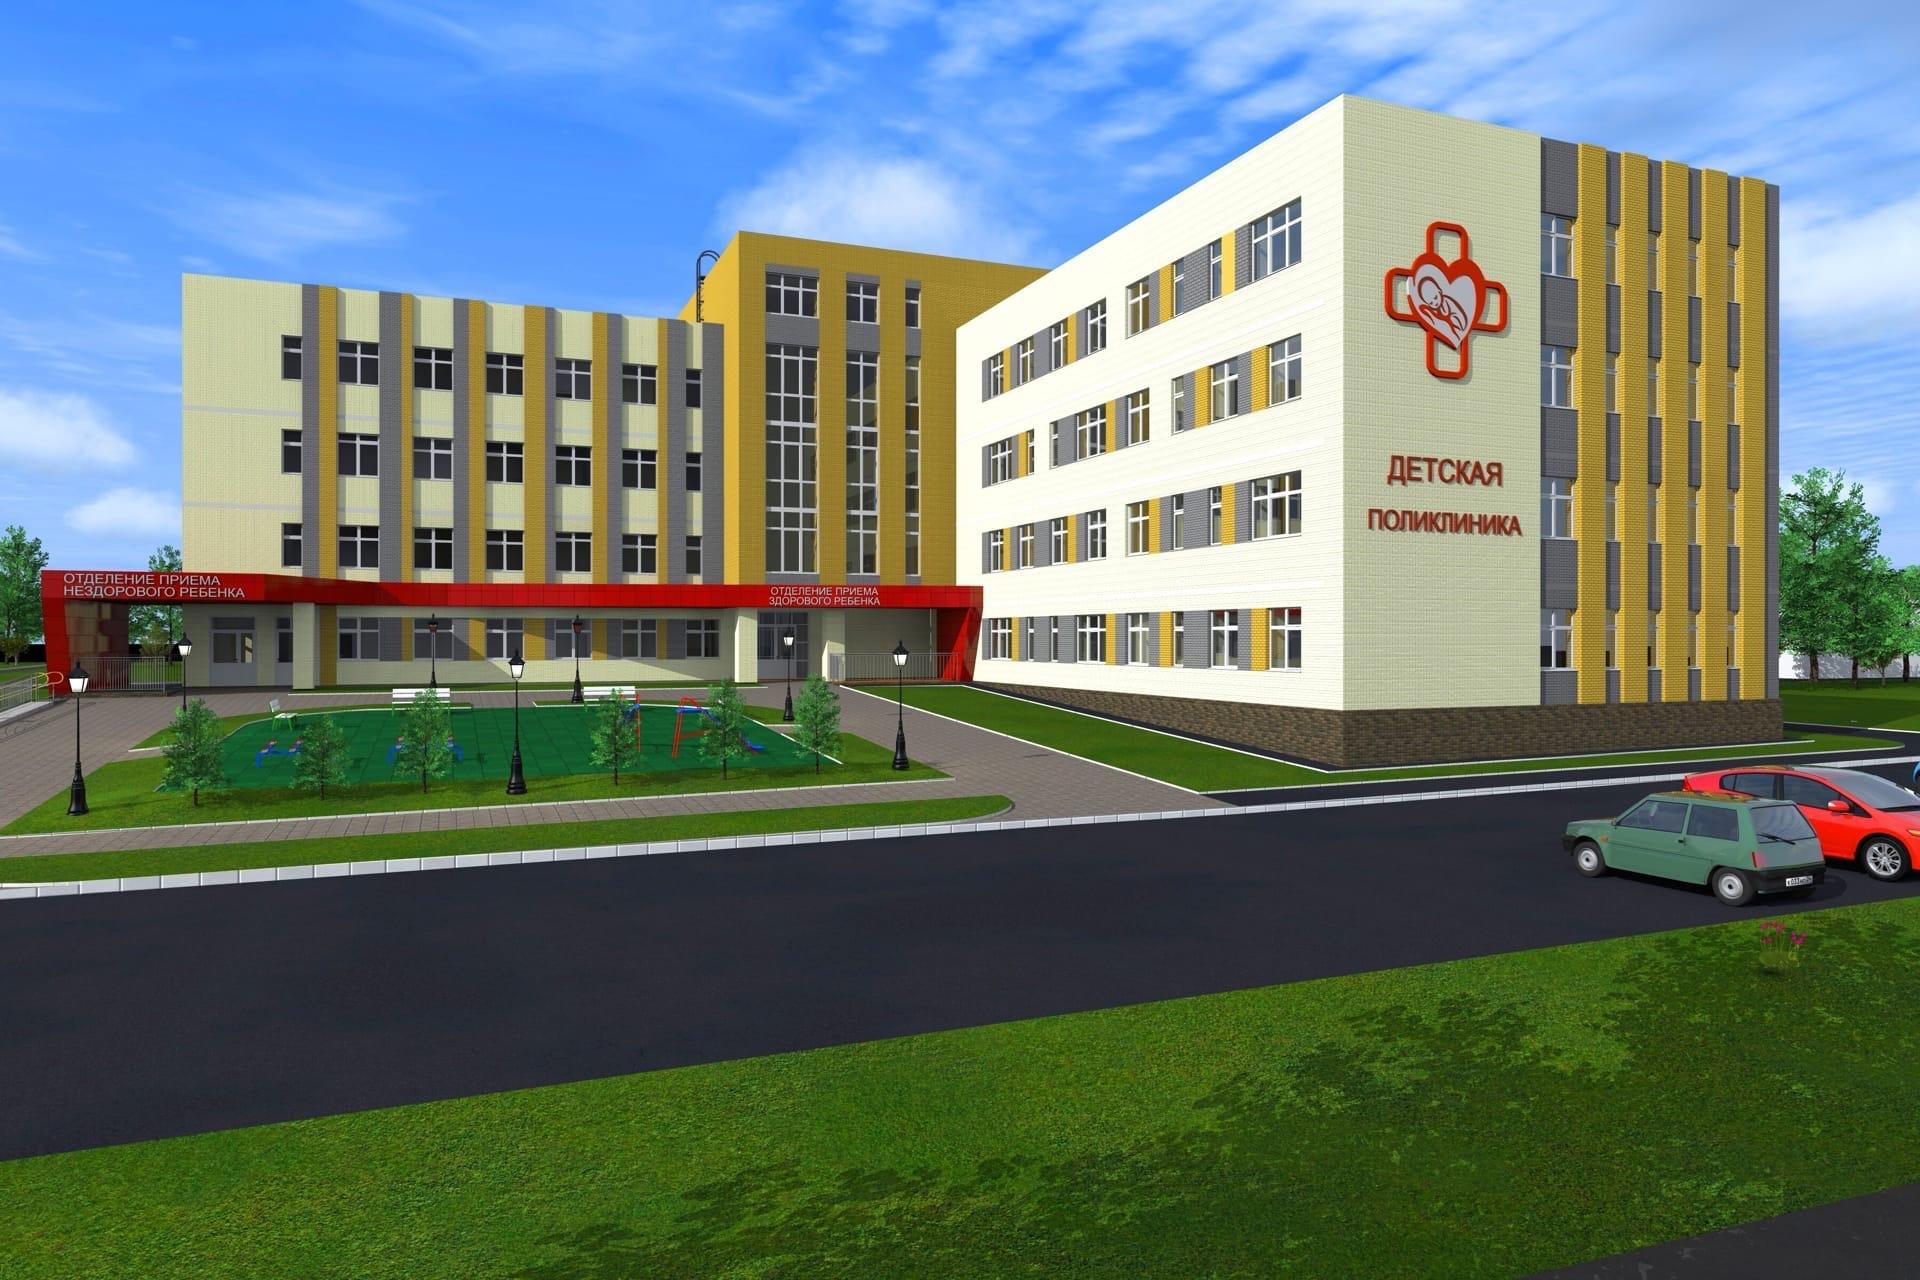 Более 300 млн рублей выделят на строительство новой детской поликлиники в Можге